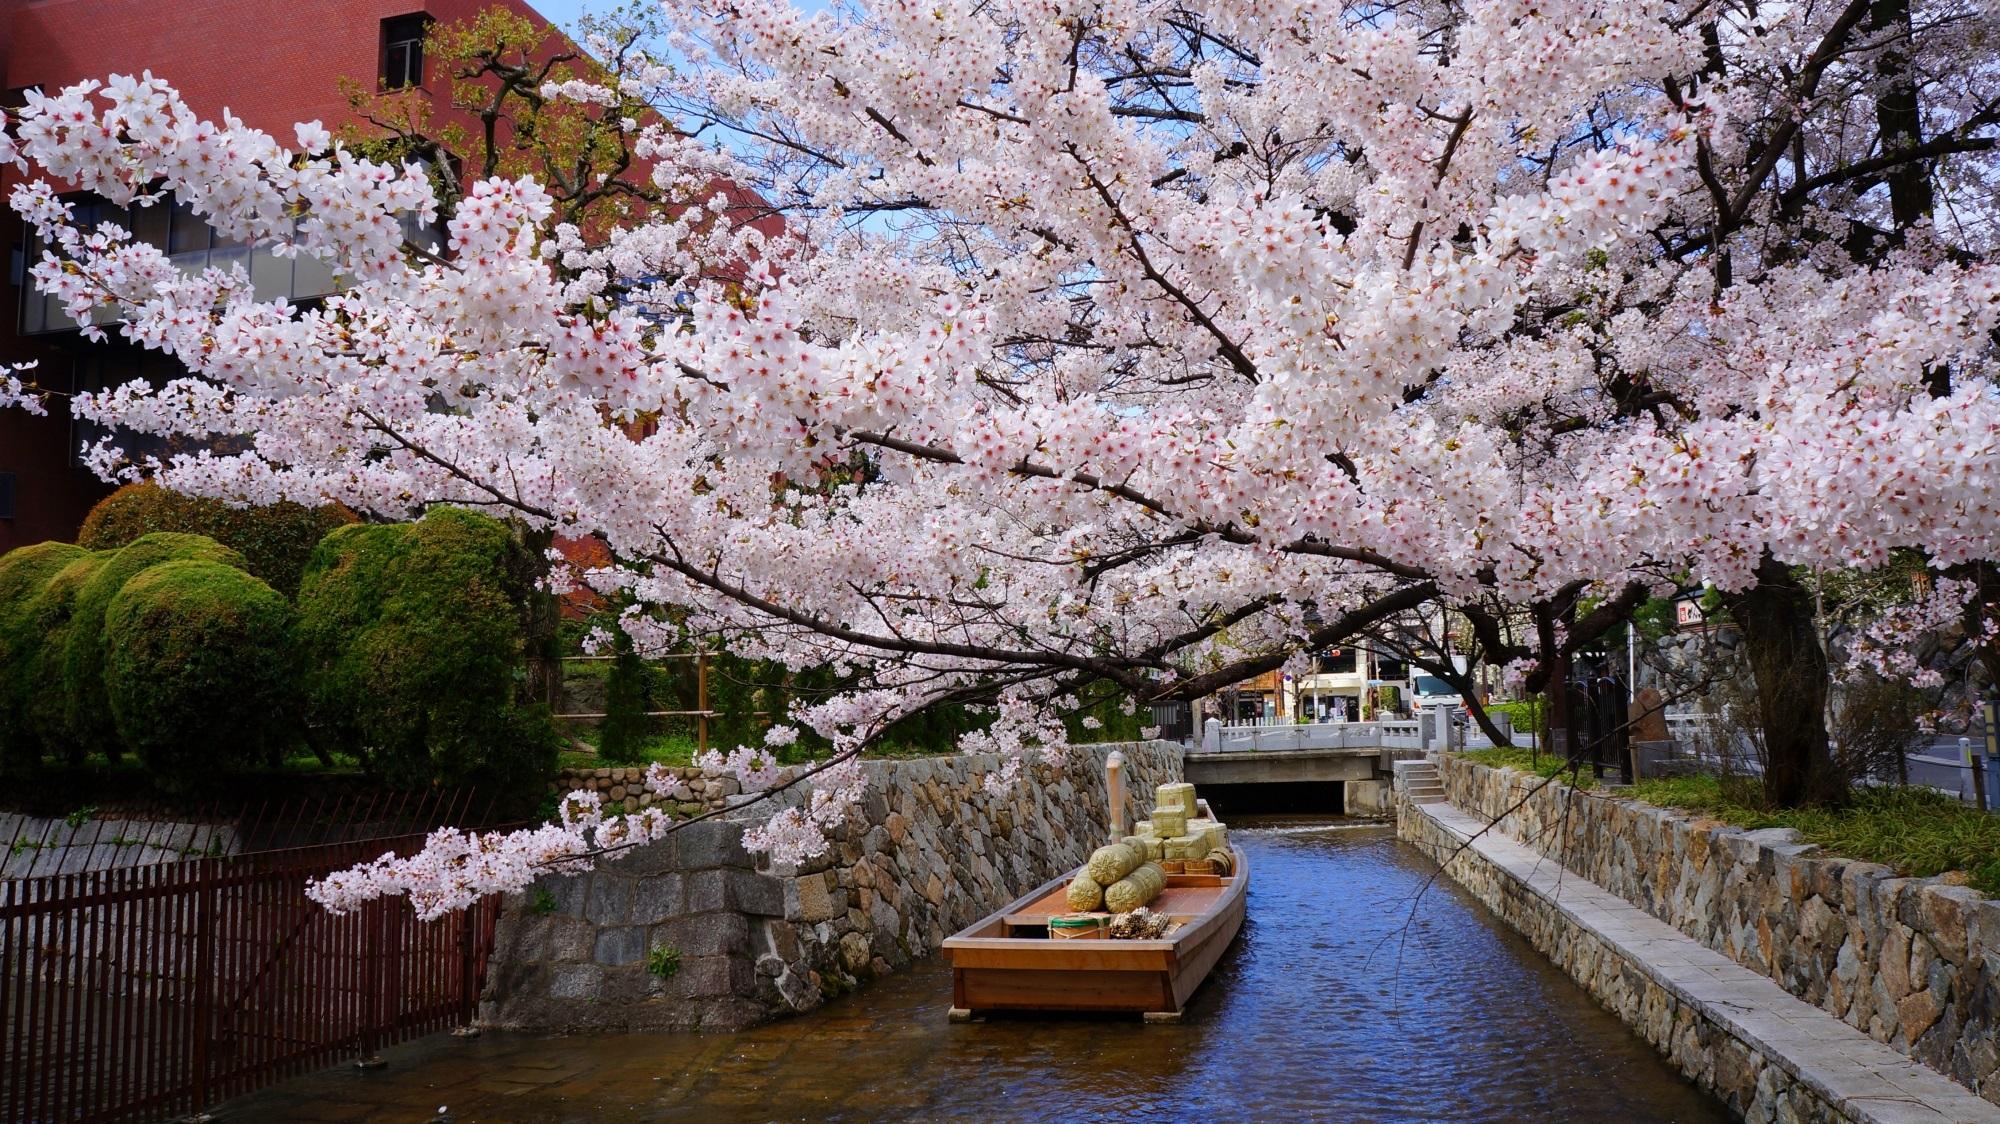 高瀬川一之船入 桜 絵になる水辺の風情ある桜